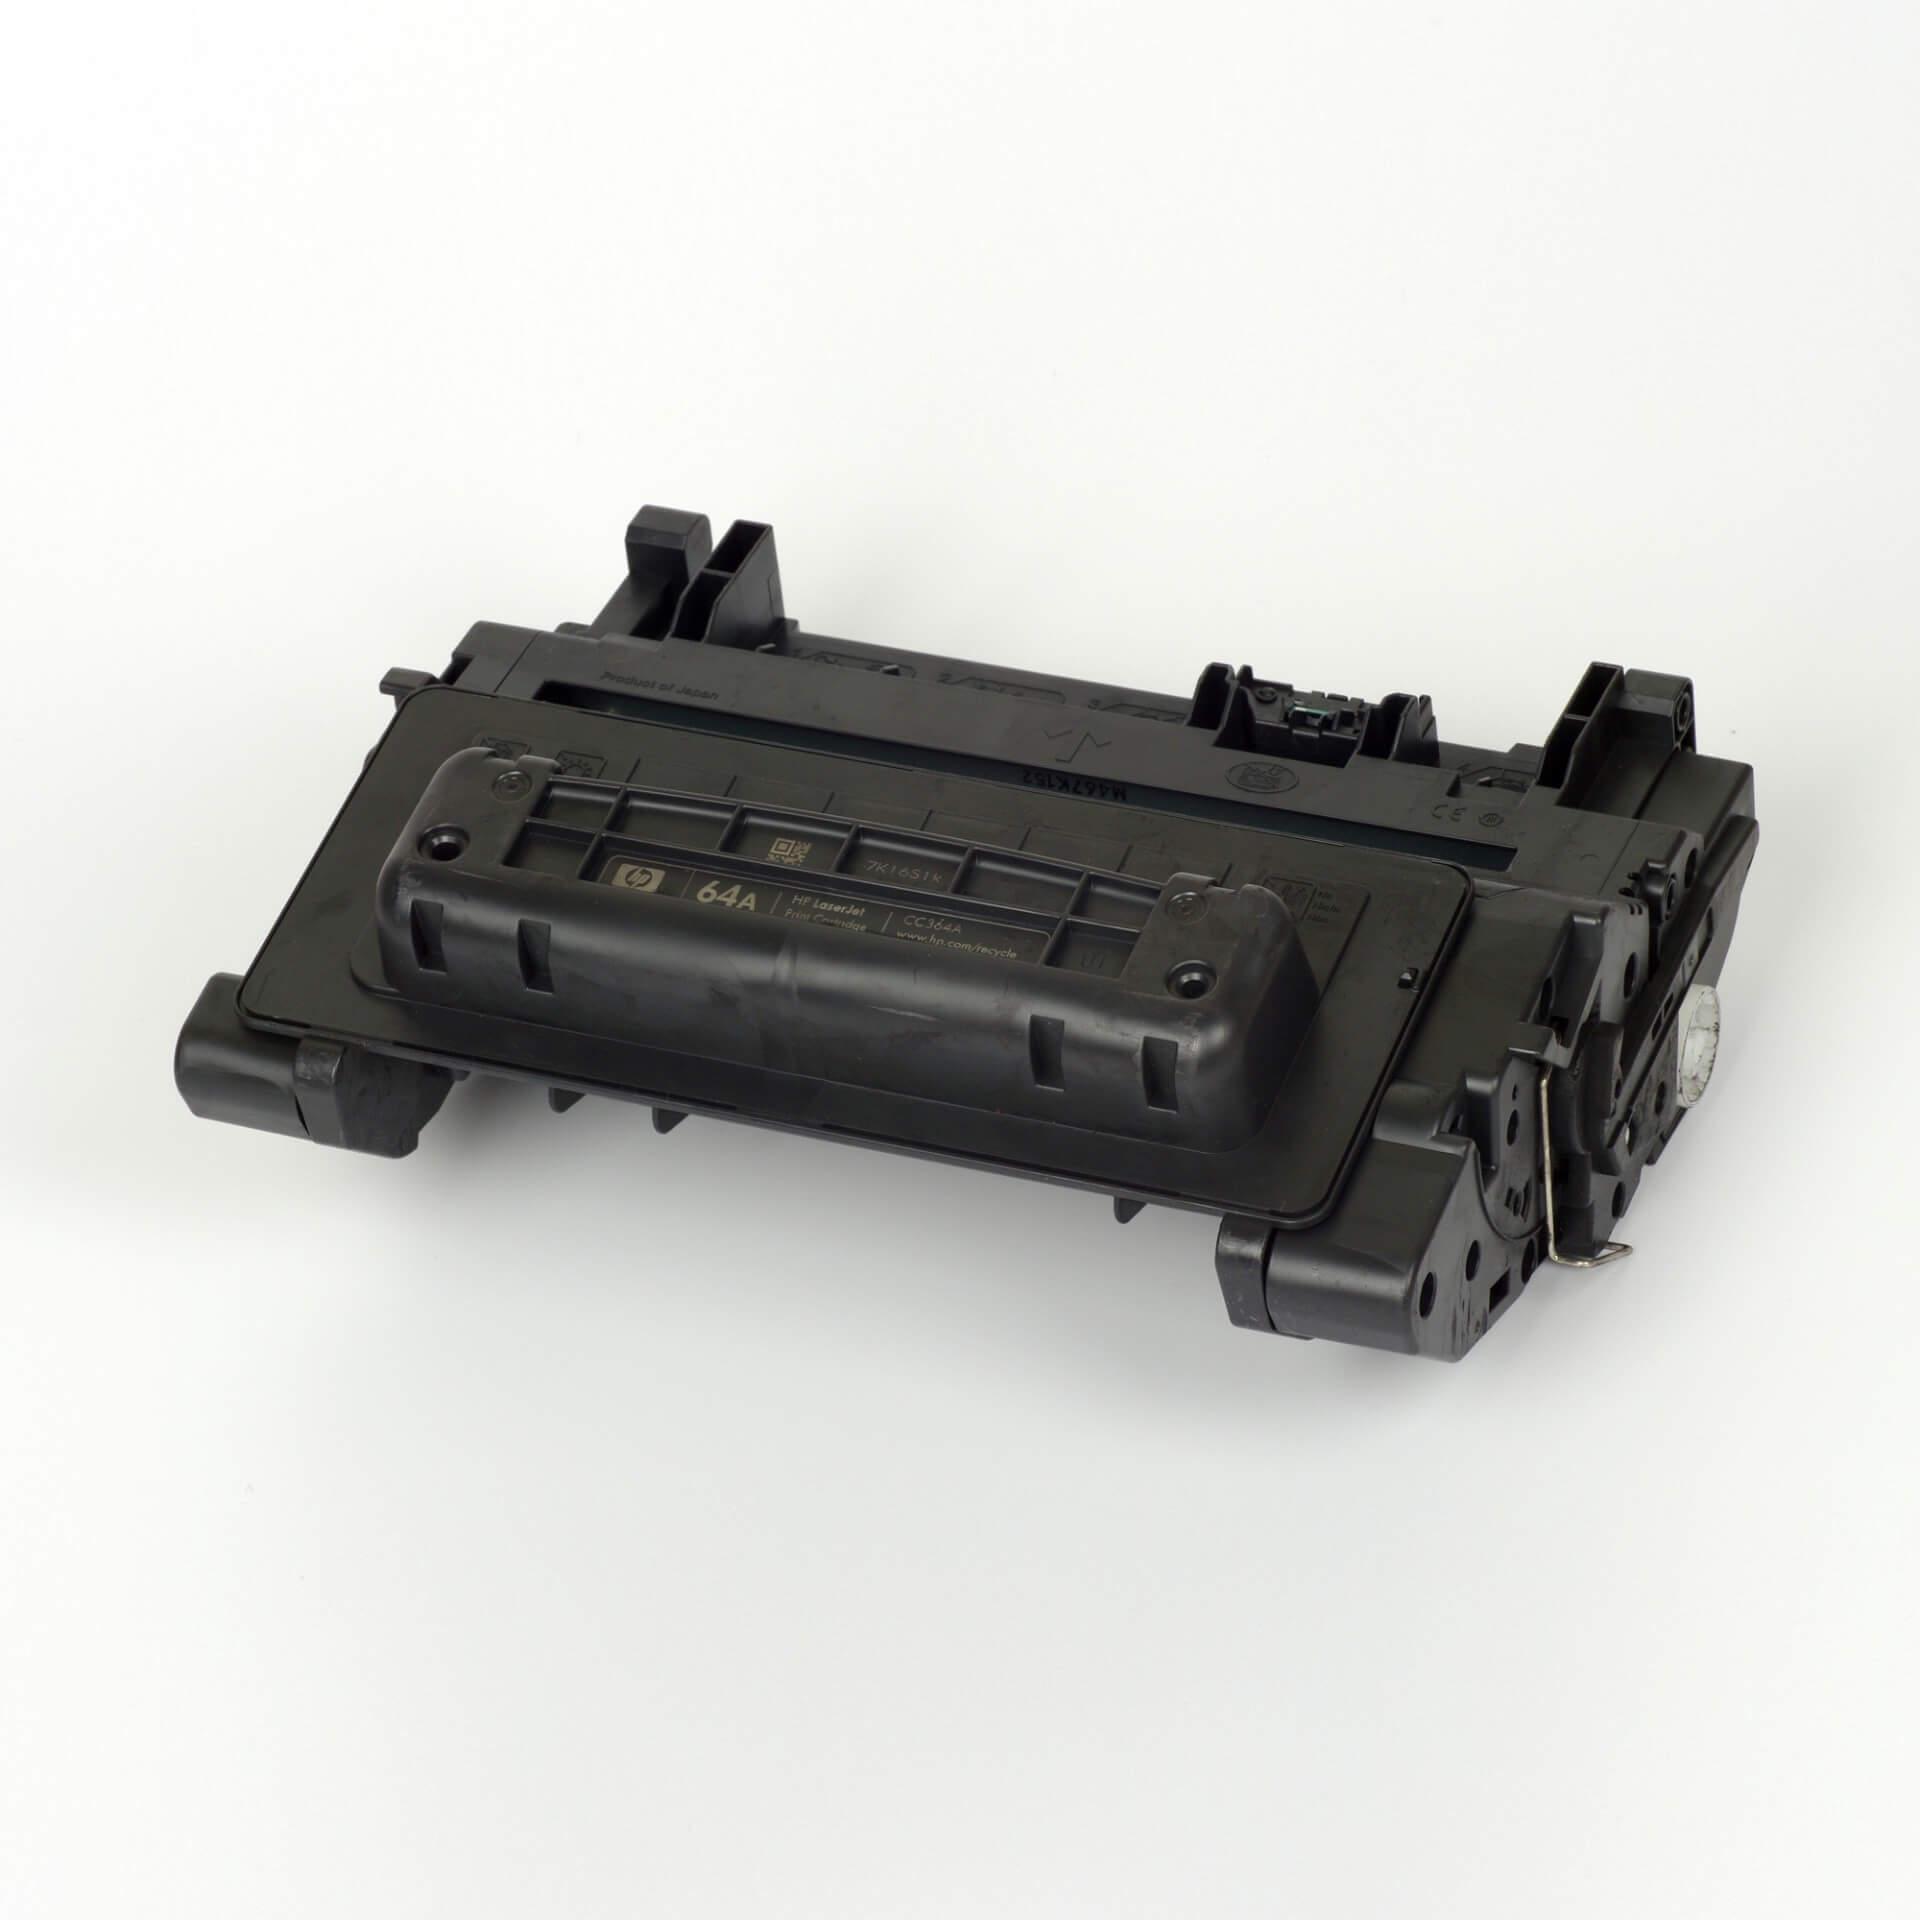 Auf dem Bild sehen Sie eine HP 64A (CC364A) Schwarz Original Tonerkartusche